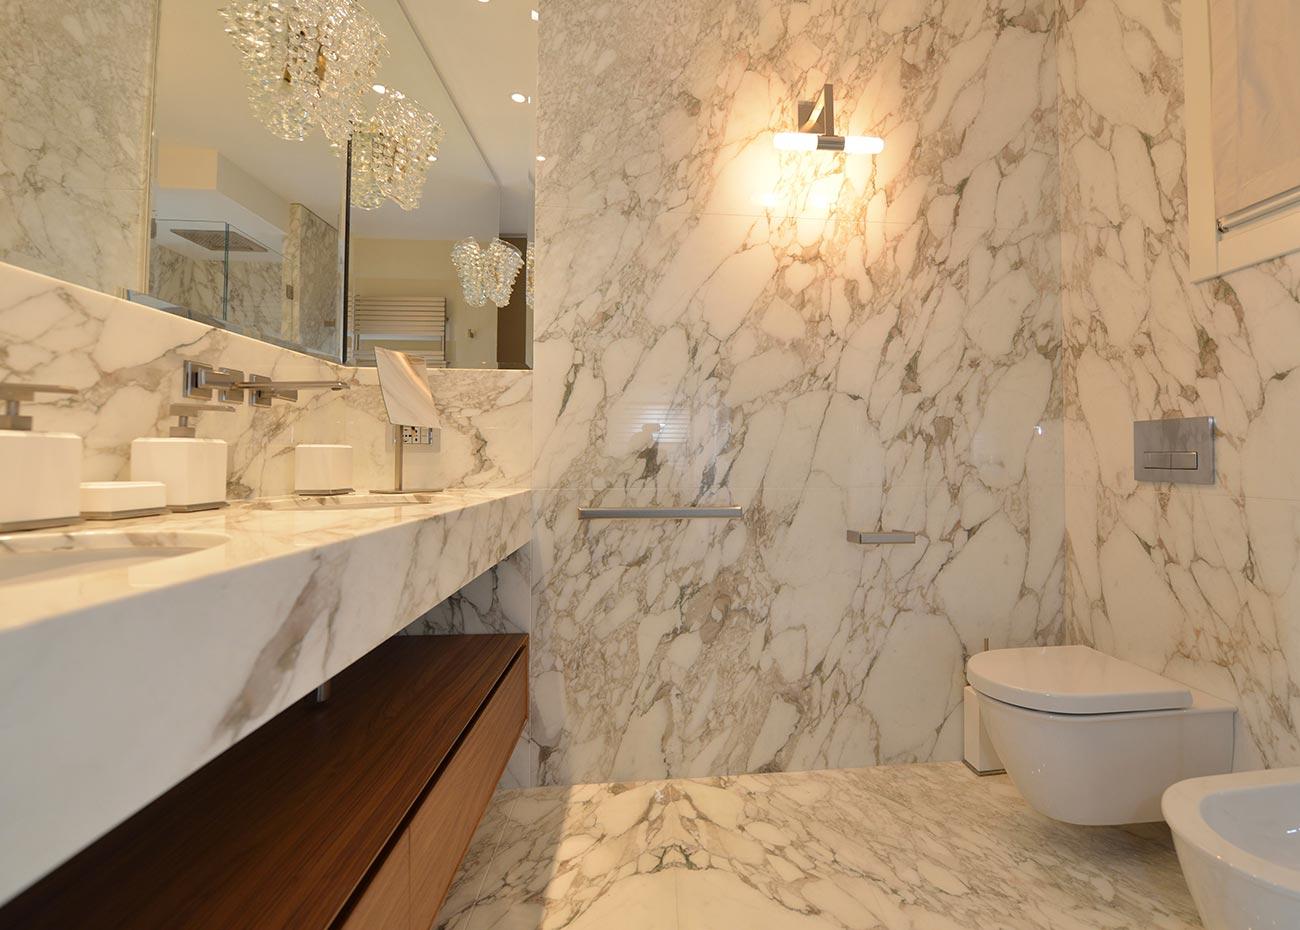 bagno-in-marmo-italiano-calacatta-oro-a-macchia-aperta-realizzazione-mgm-la-marmoteca